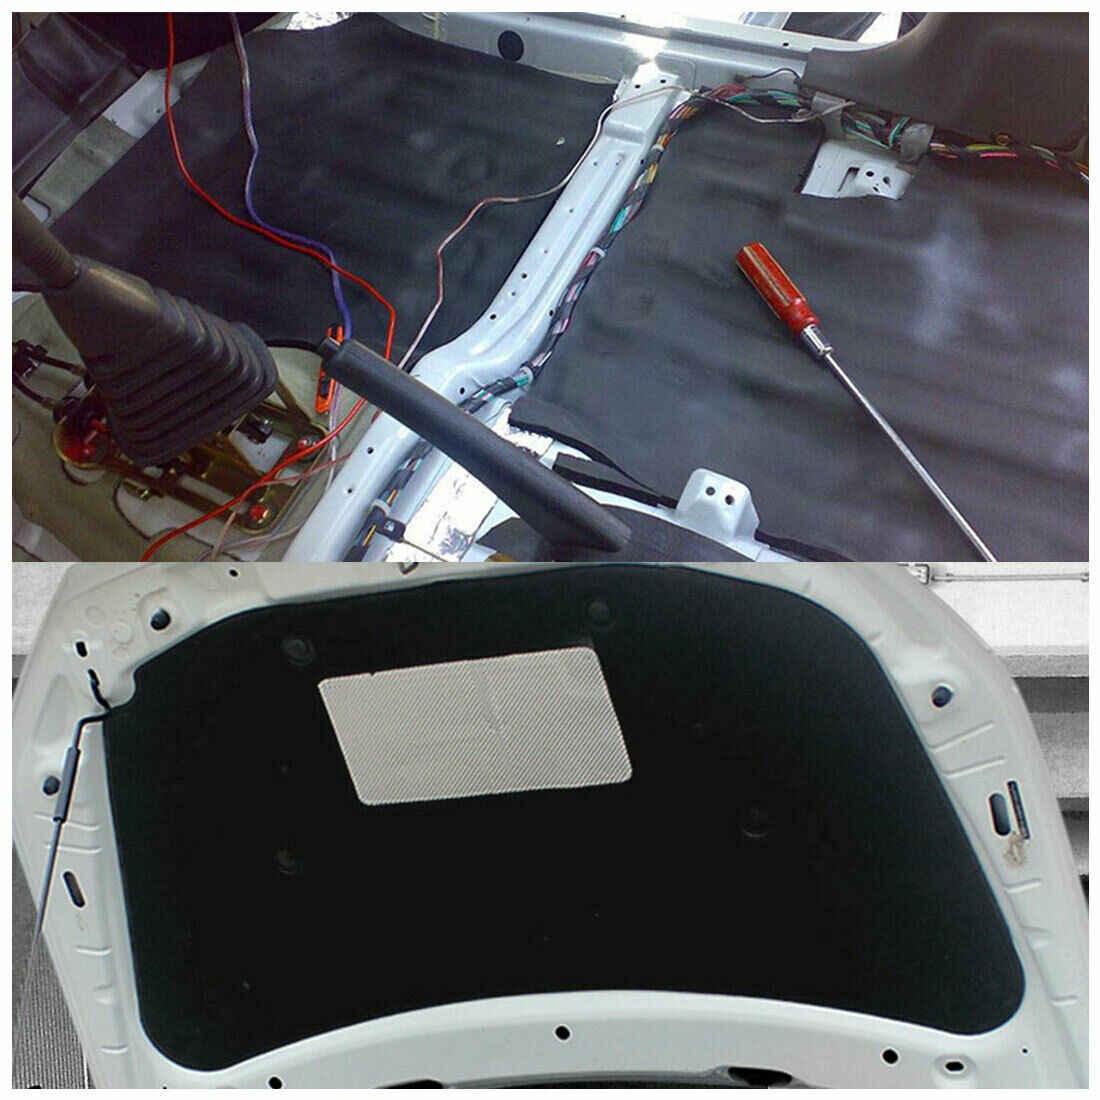 50x80 سنتيمتر التخفيت درع الأرضيات حصيرة 5 مللي متر الصوت ستيريو الصوت برهان الضوضاء سادة العزل الختم